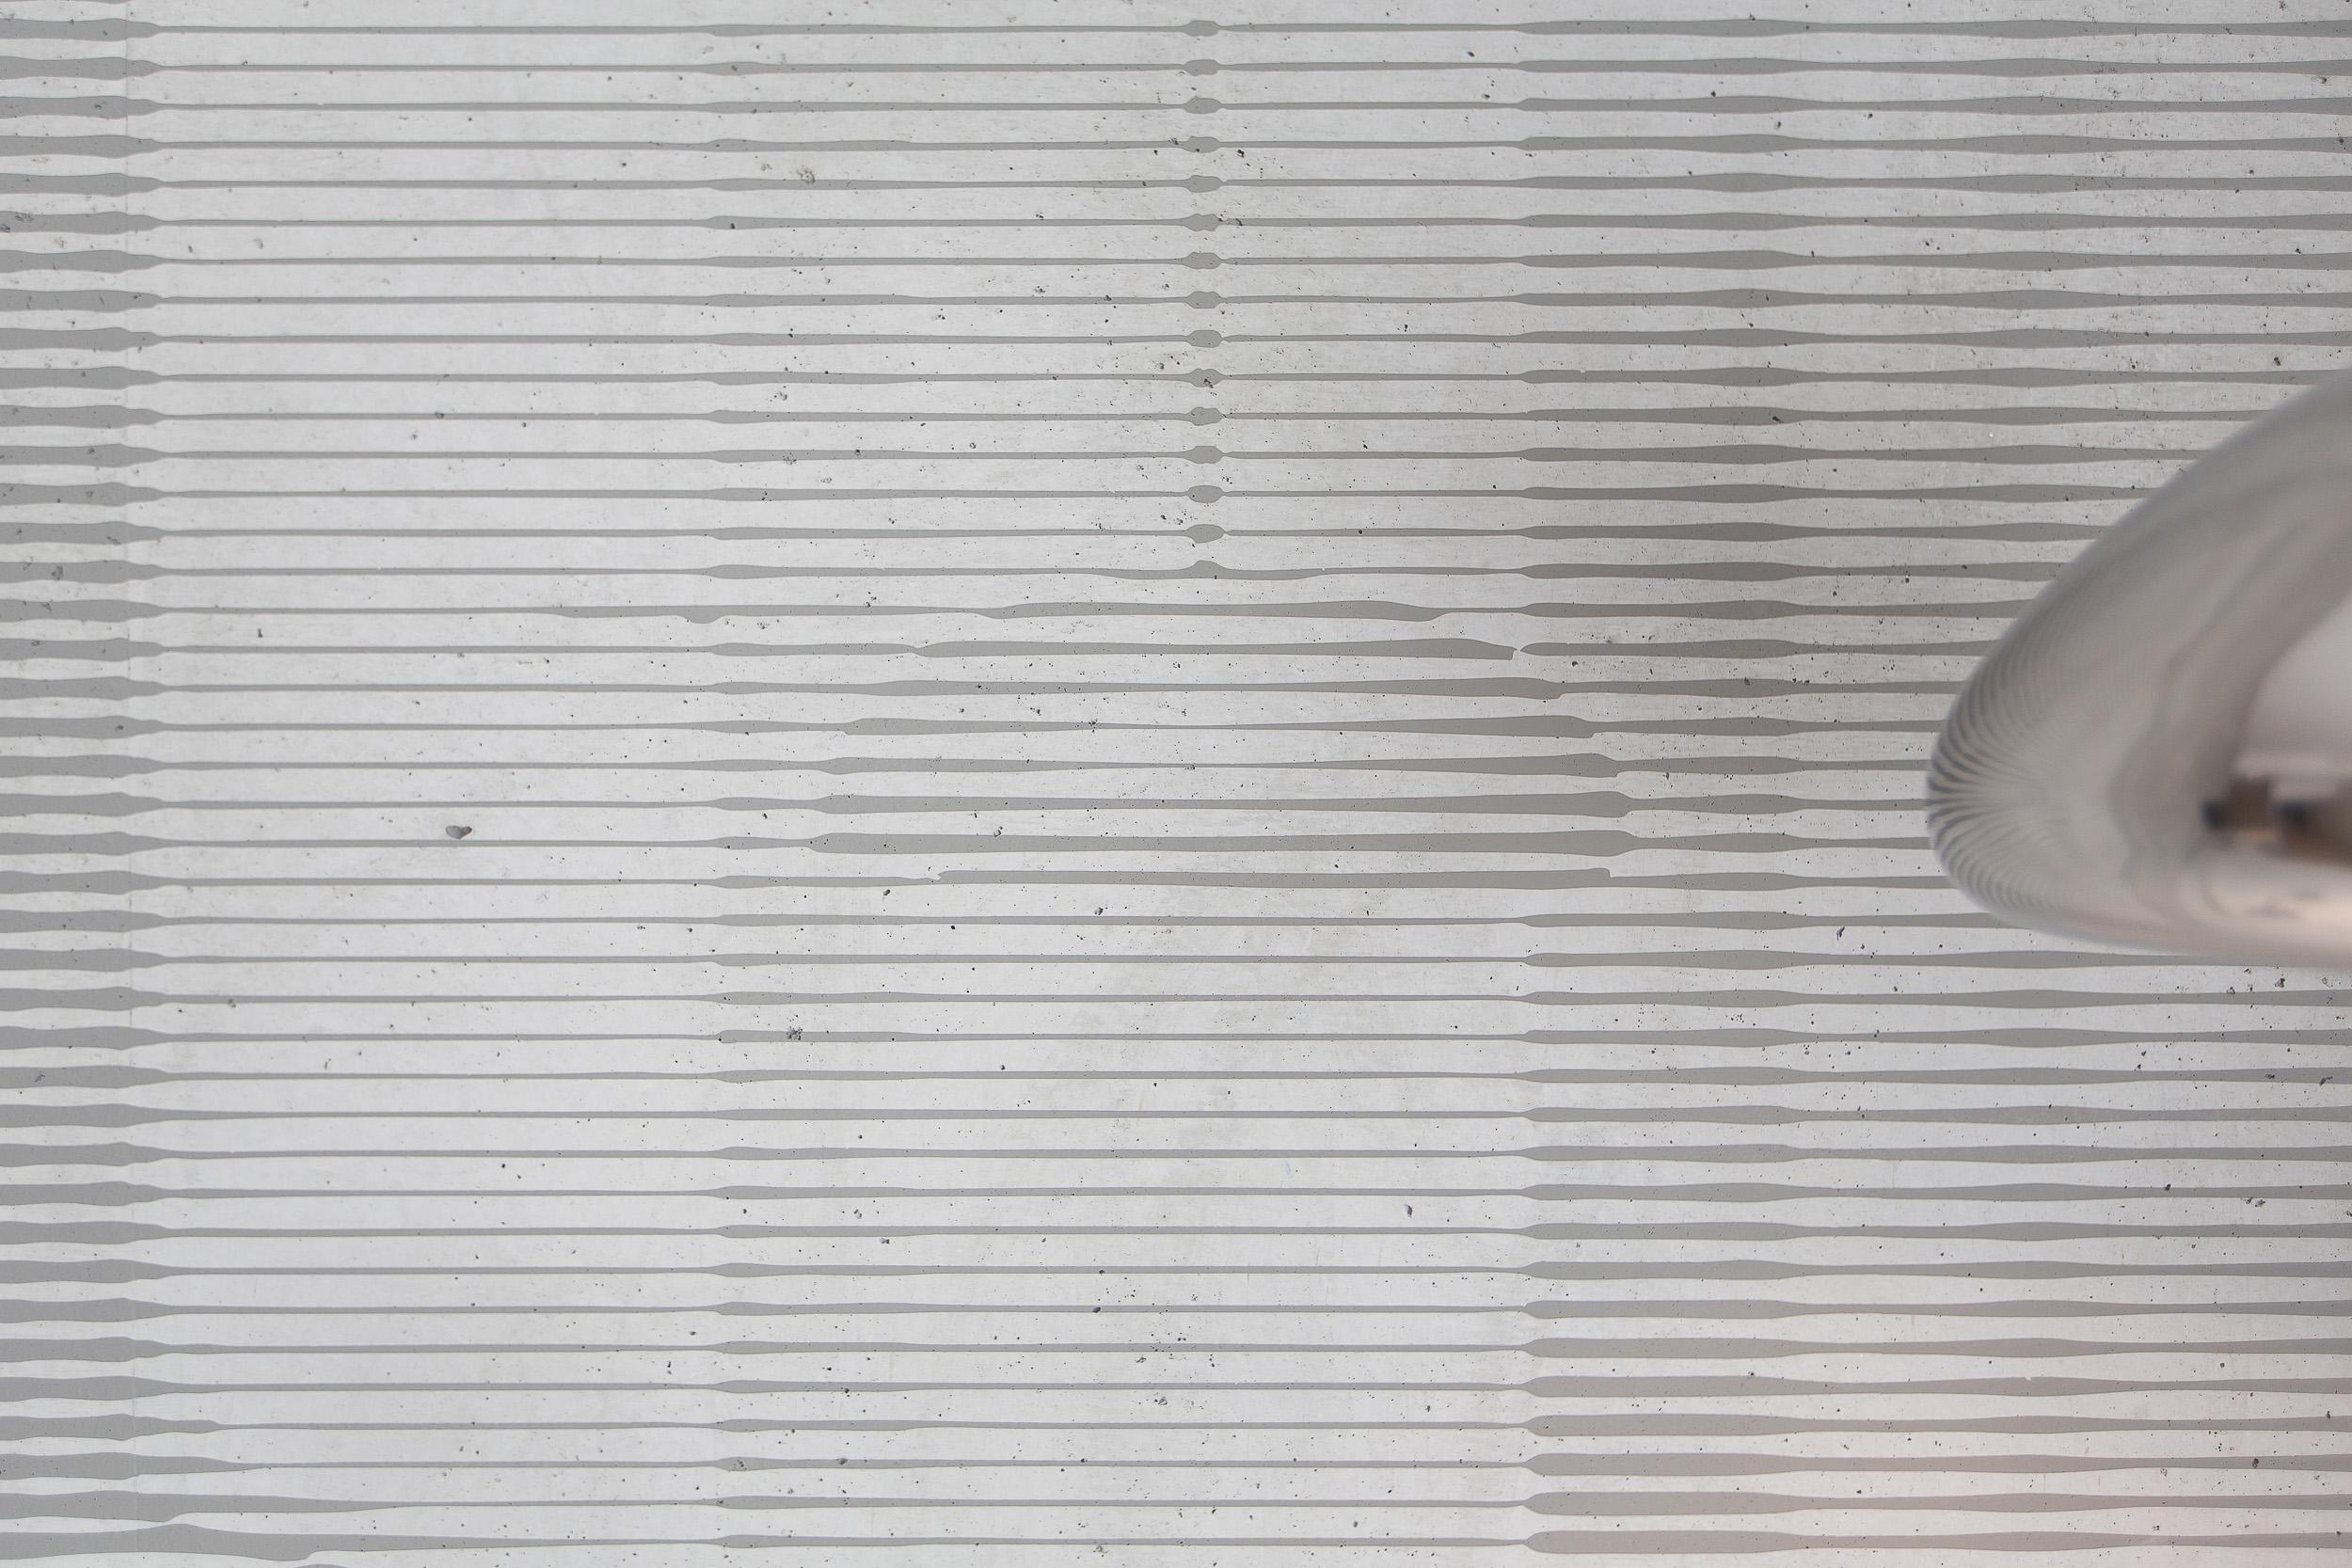 Fotodruck auf Beton